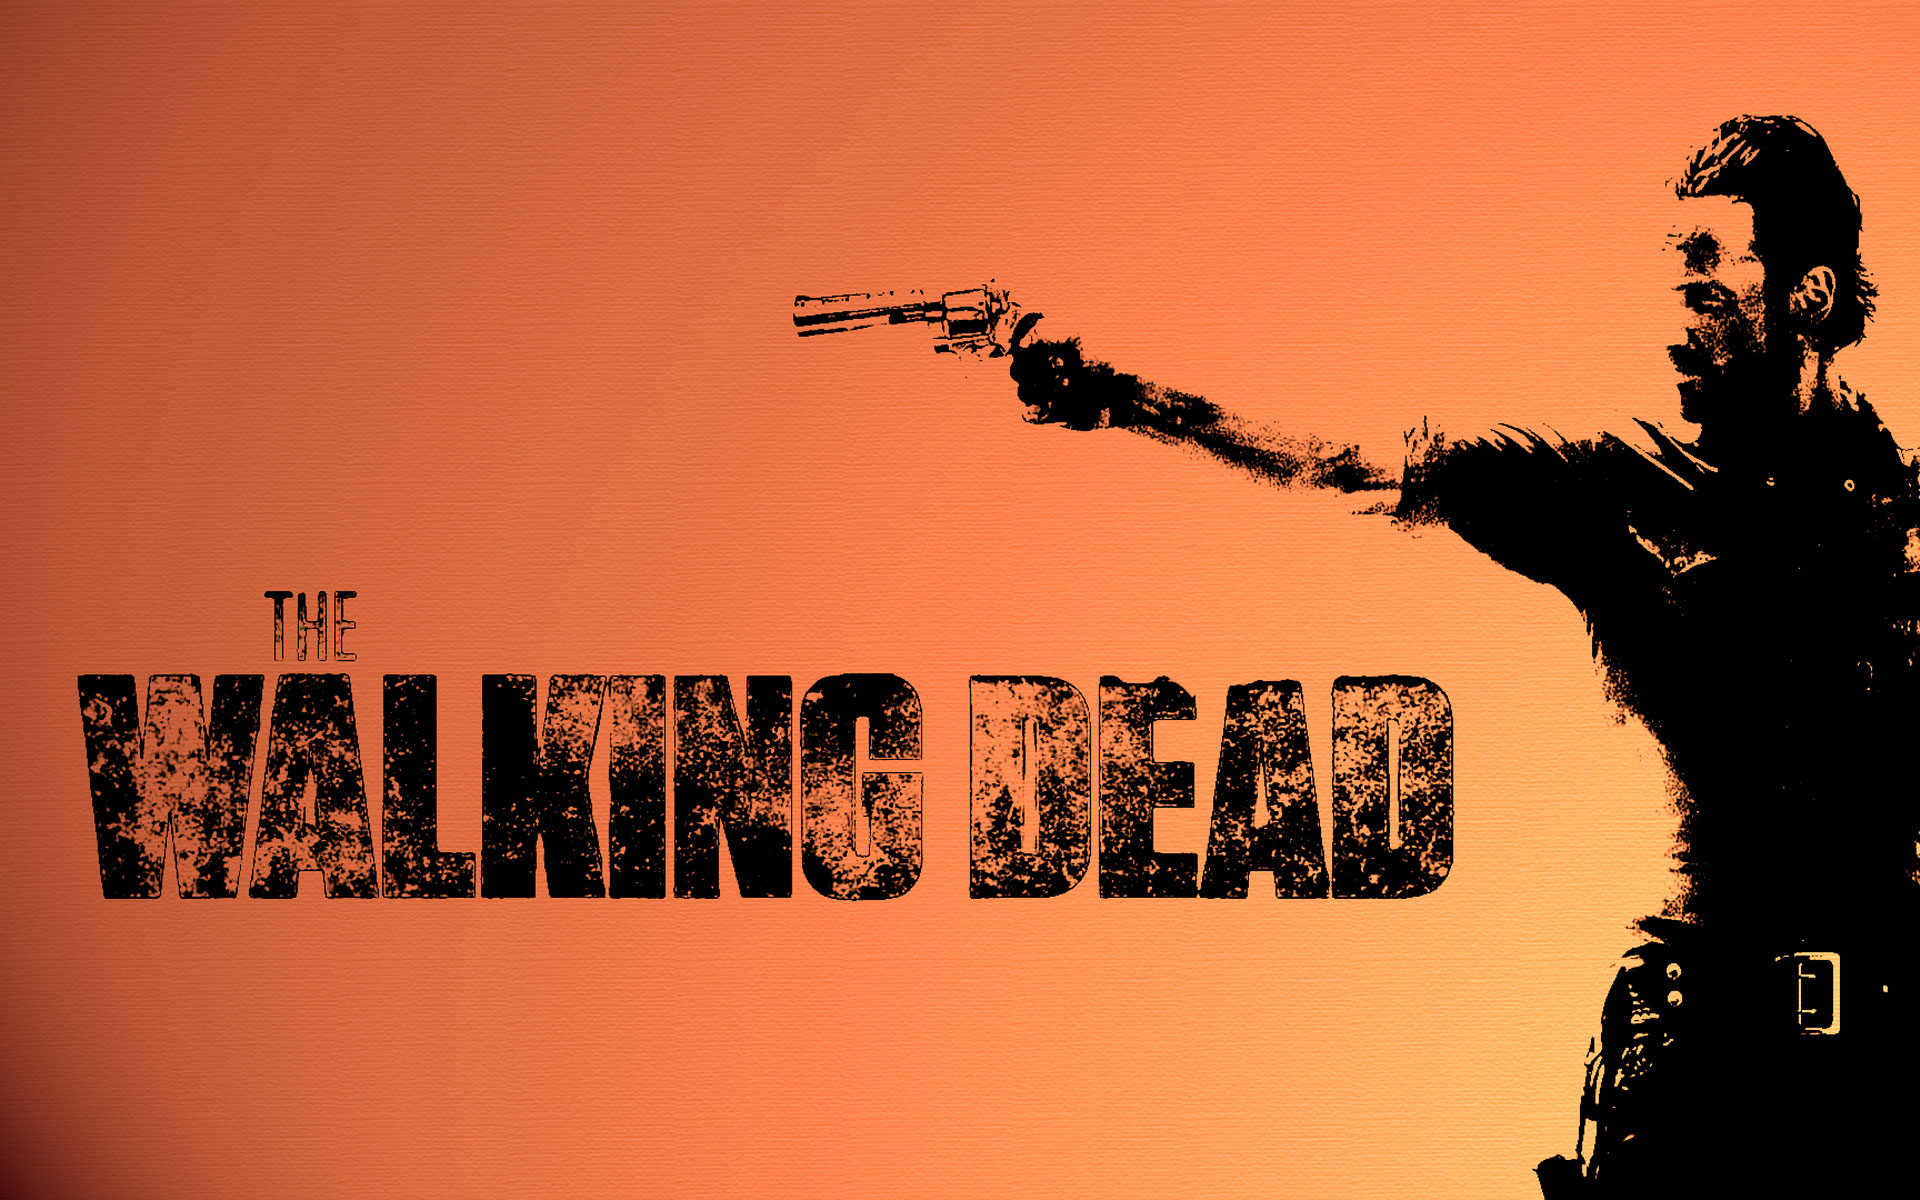 walking dead wallpaper iphone 6